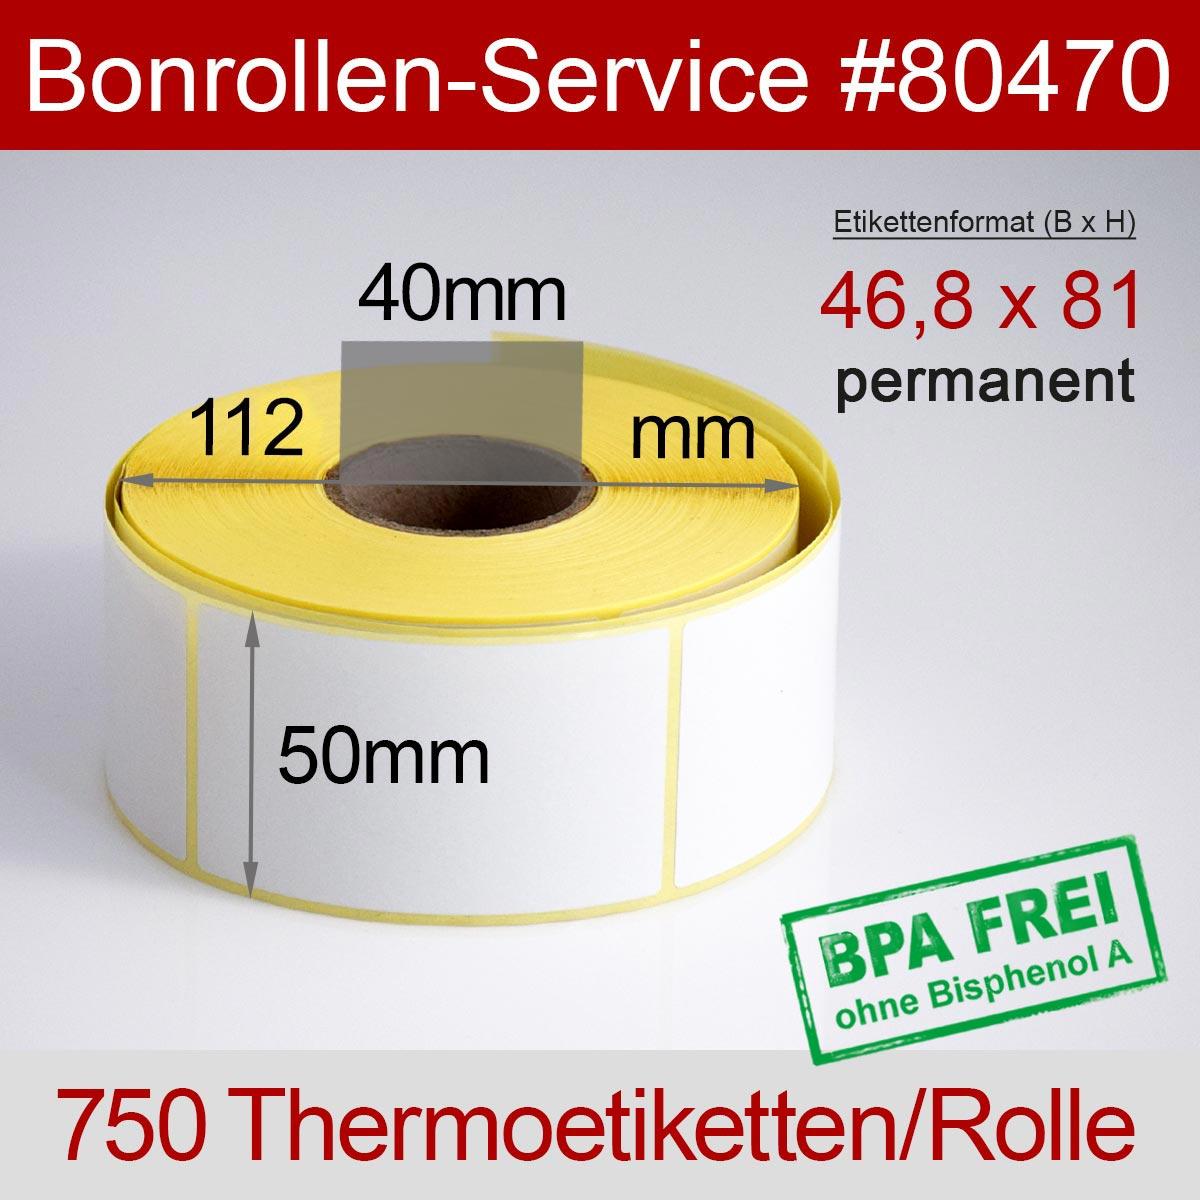 Thermo-Etikettenrollen BPA-frei 46,8mm x 81mm für Avery Berkel, permanent - Detailansicht